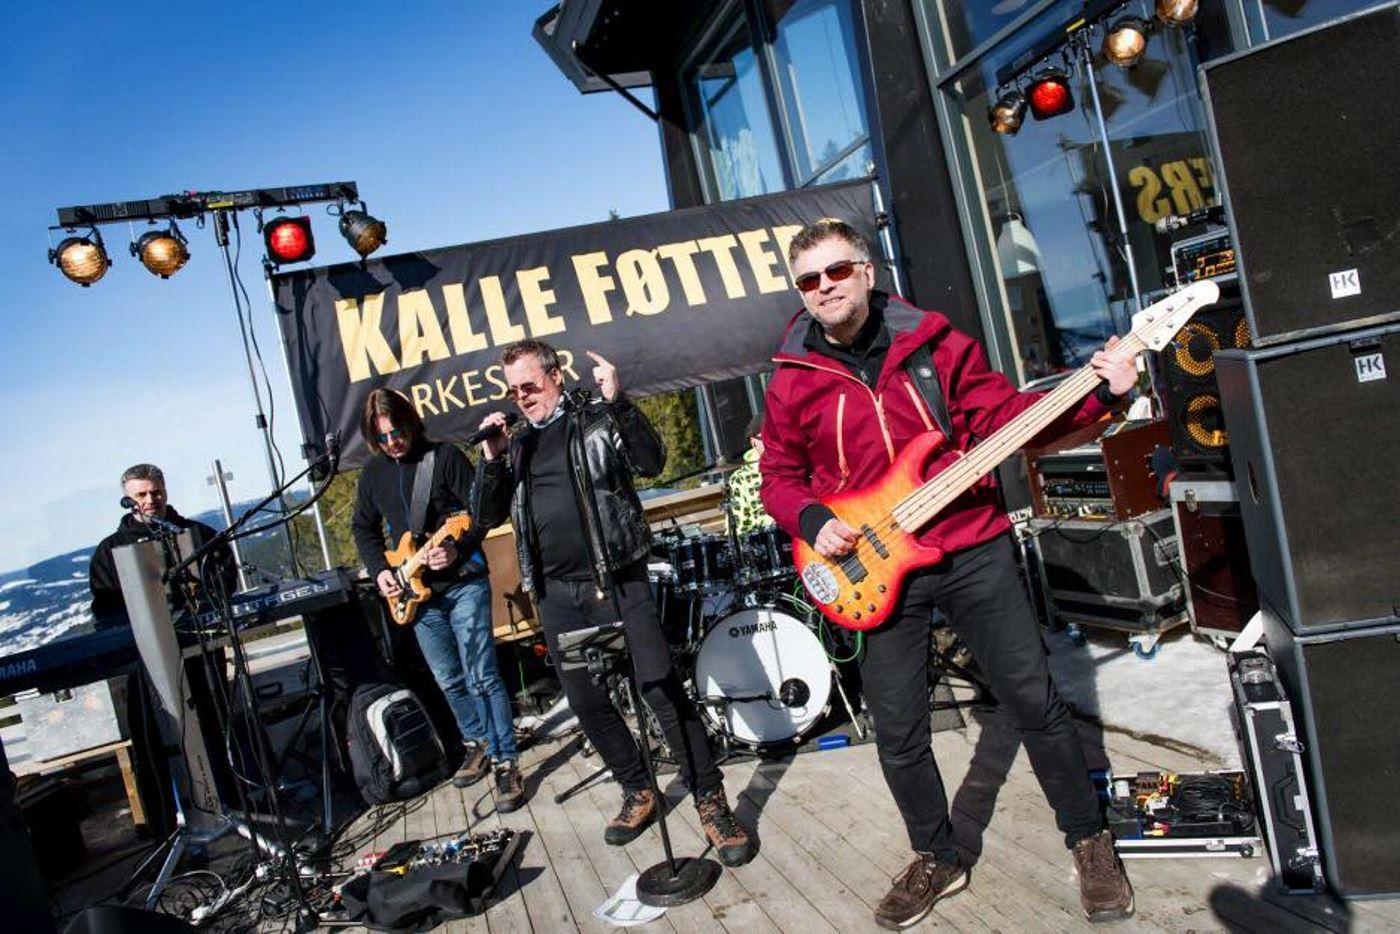 Afterski med Kalle føtters orkester